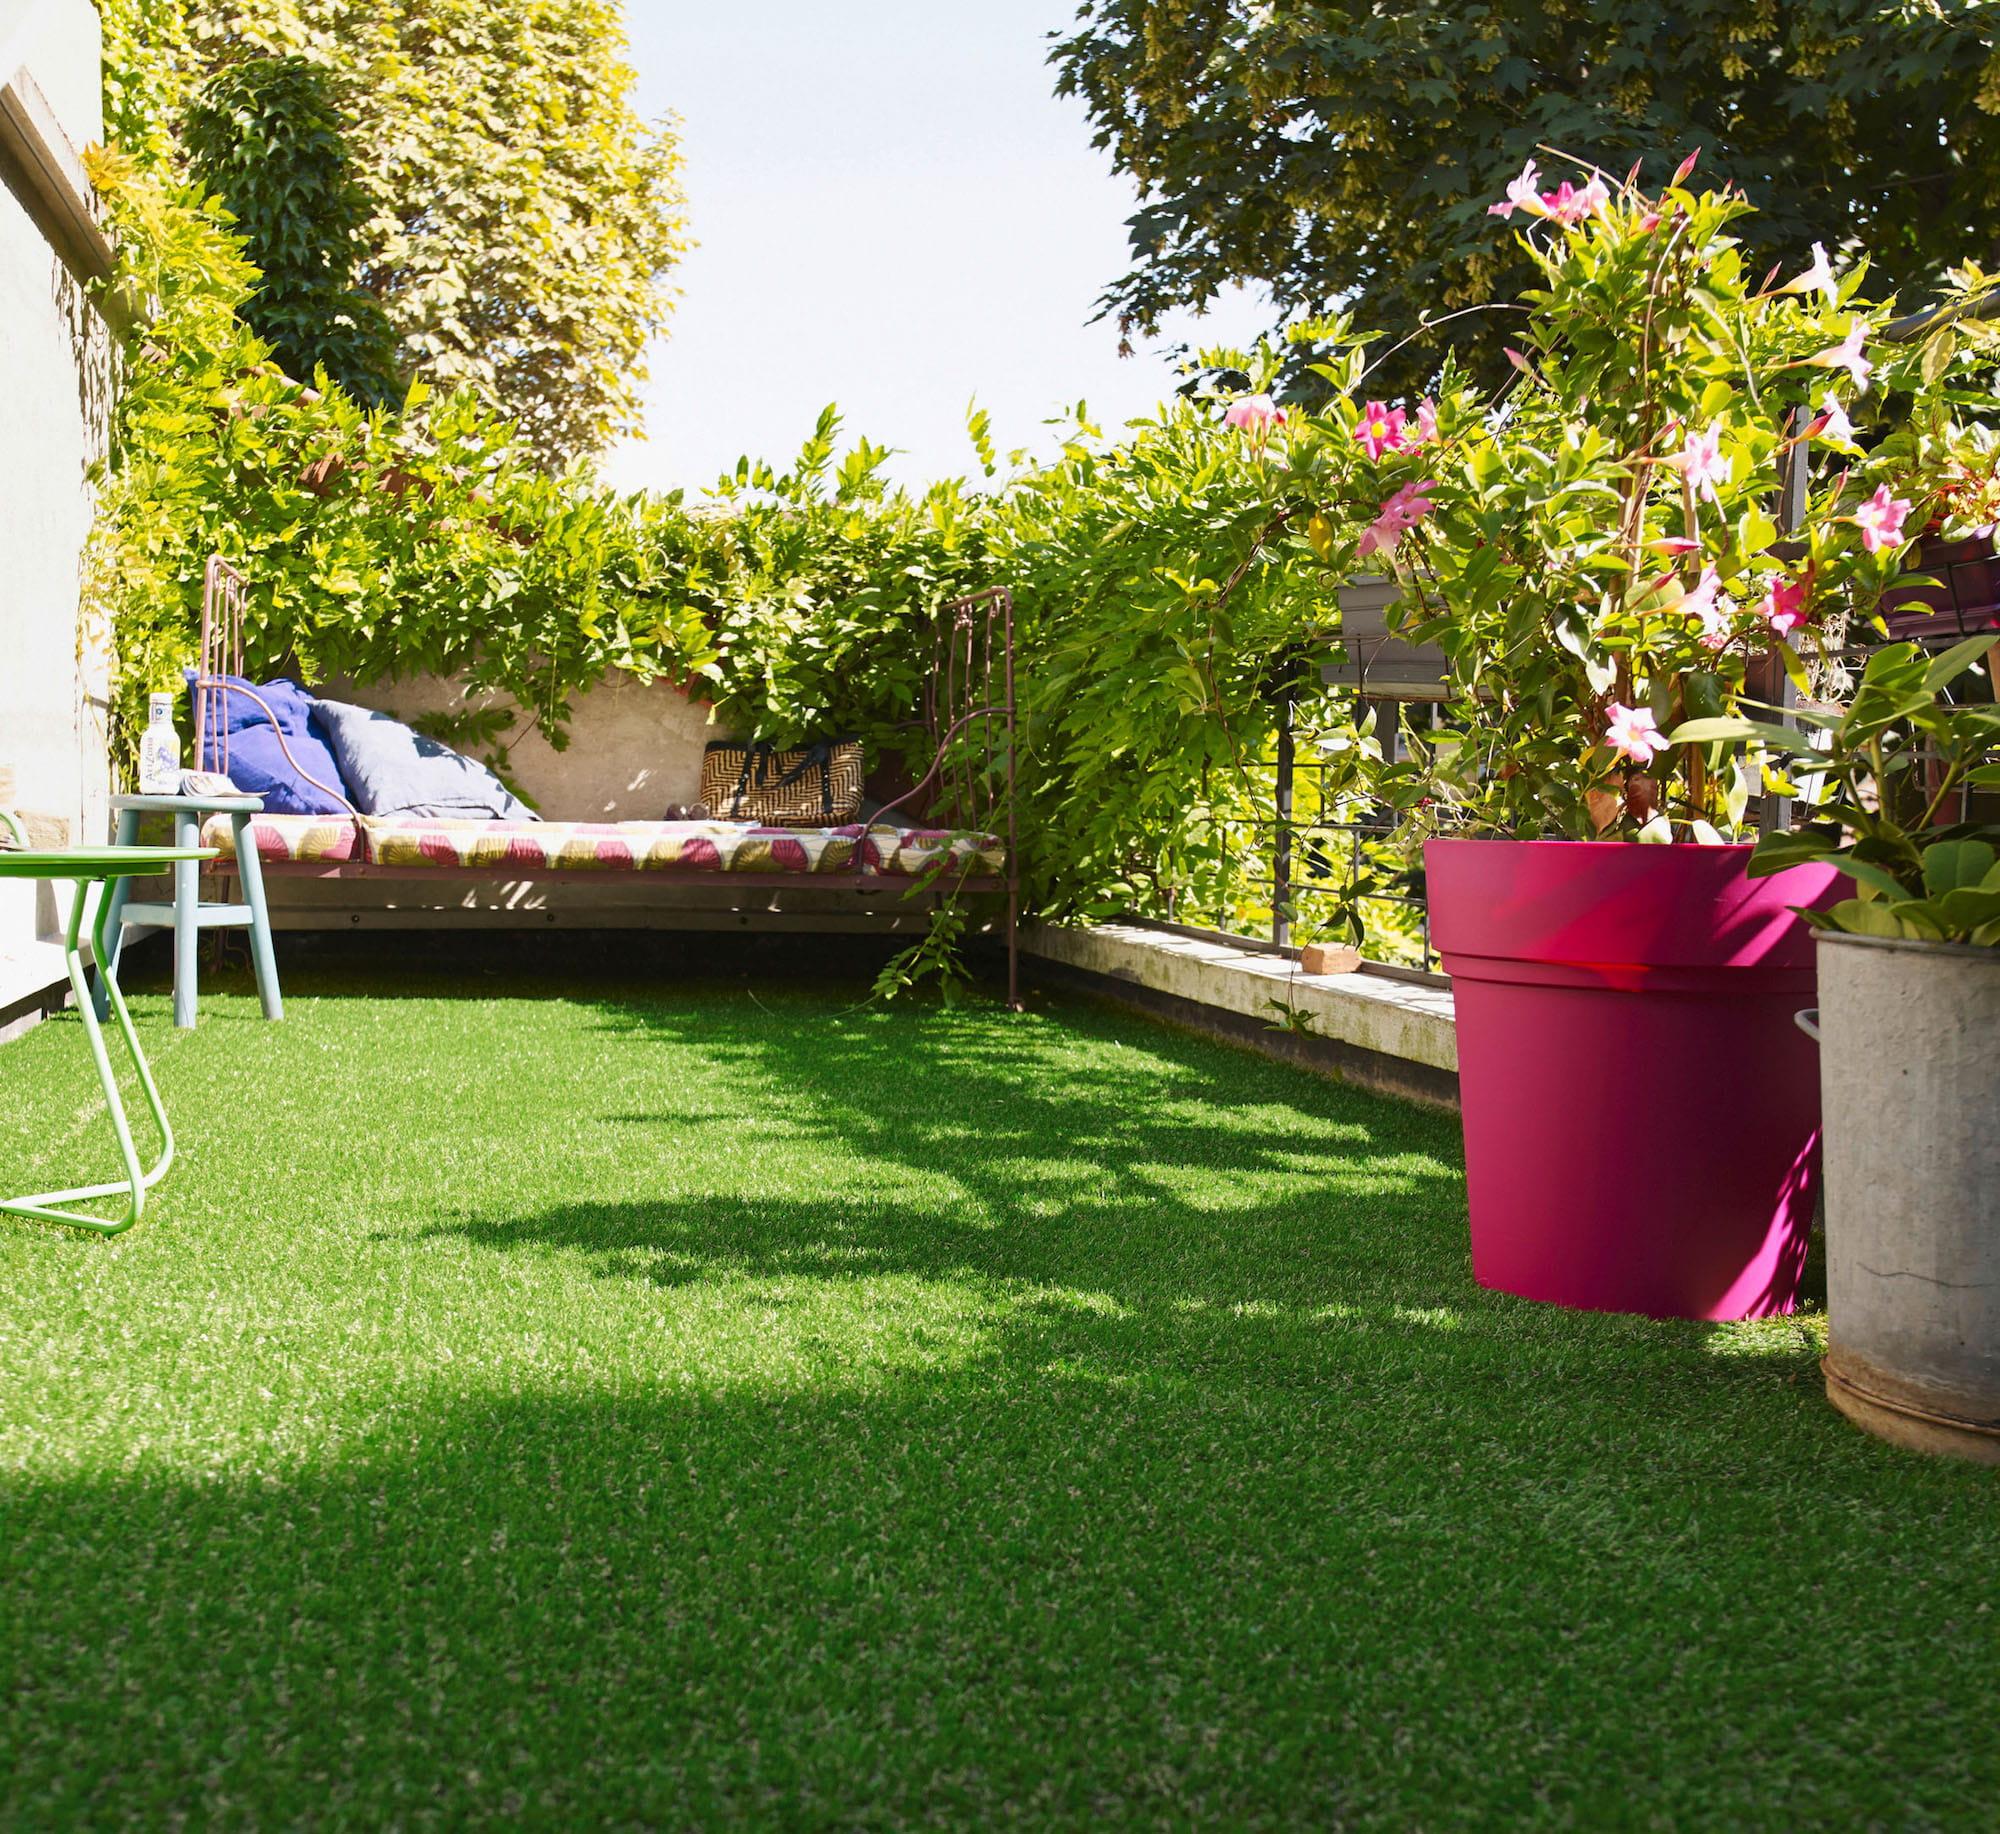 Chaises de jardin castorama chaises jardin castorama chaise copie cuisine with castorama - Castorama espace jardin creteil ...